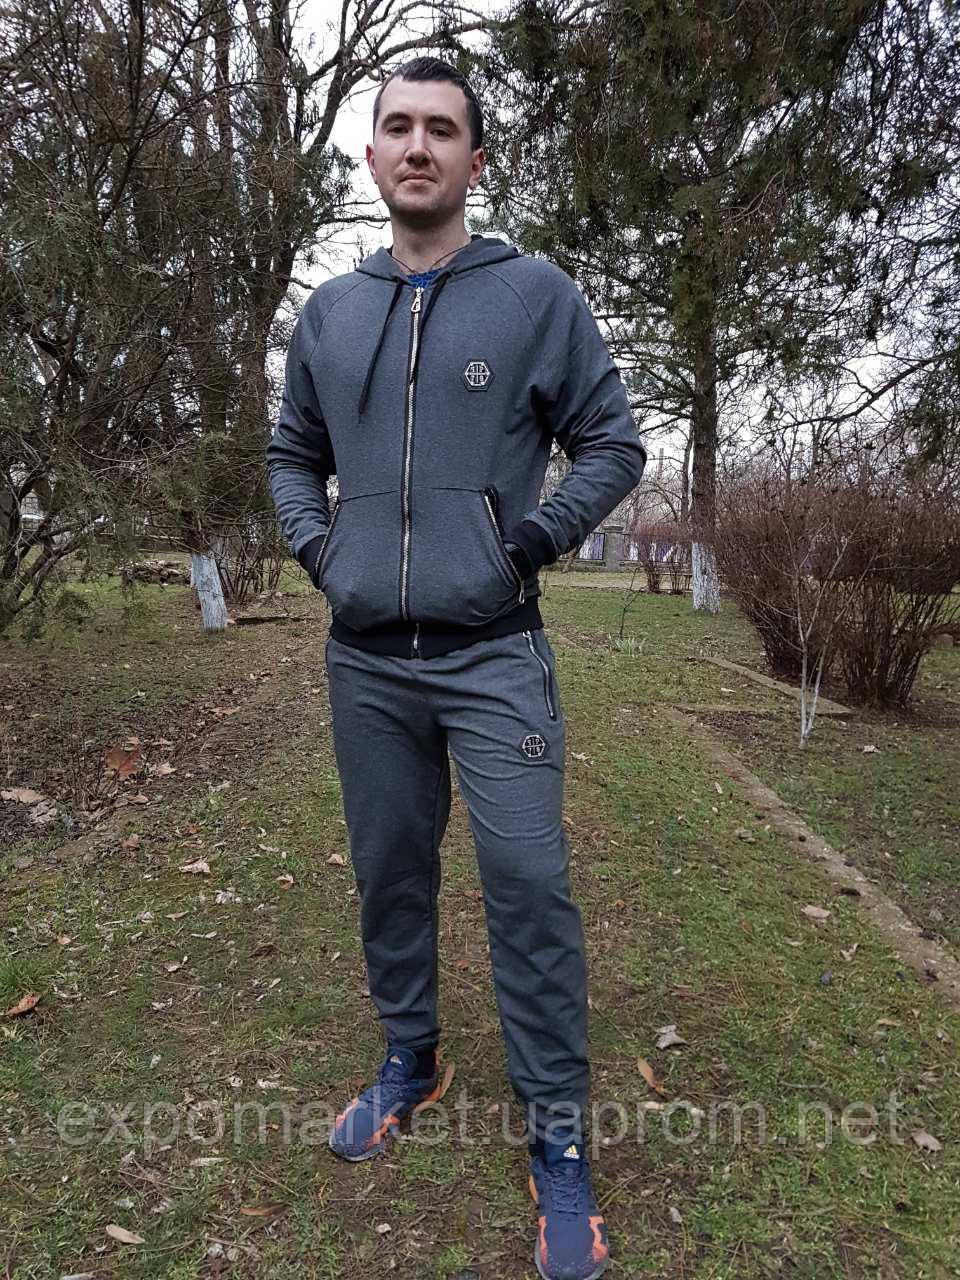 Мужской трикотажный спортивный костюм, хорошее качество